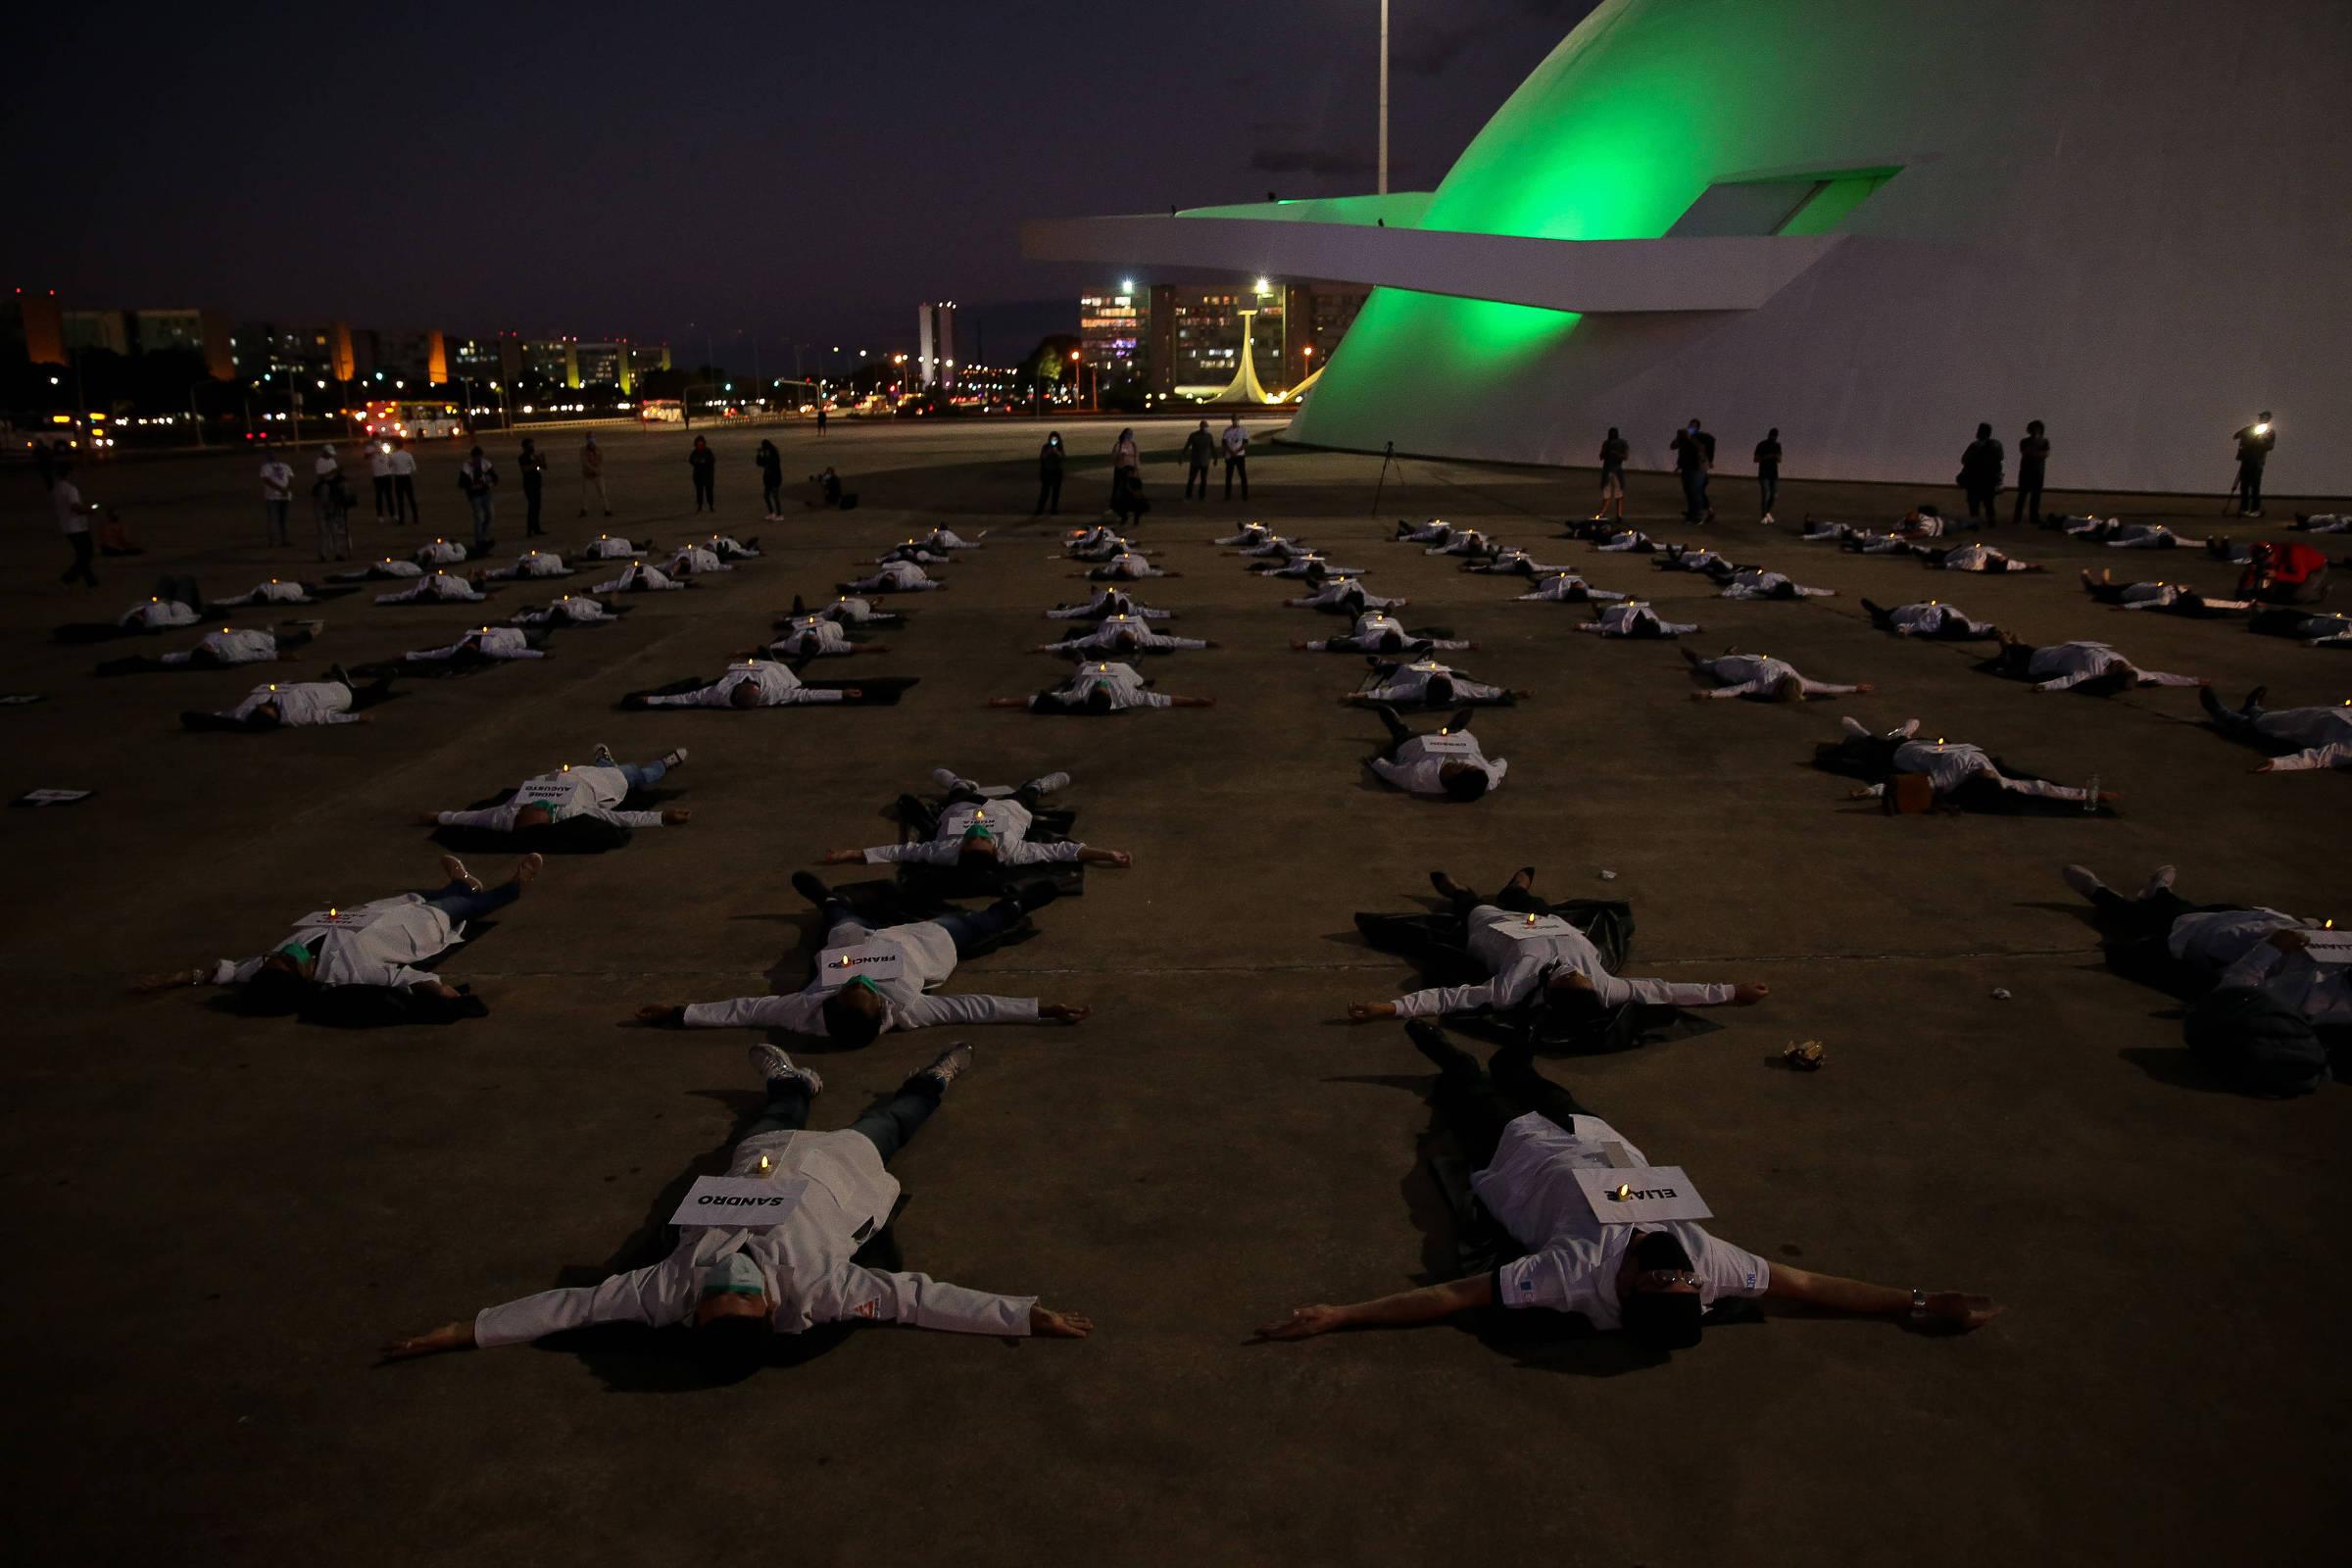 Polícia indicia 3 após protestos de um grupo de manifestantes contra enfermeiras em protesto - 29 de maio de 2020 - Poder